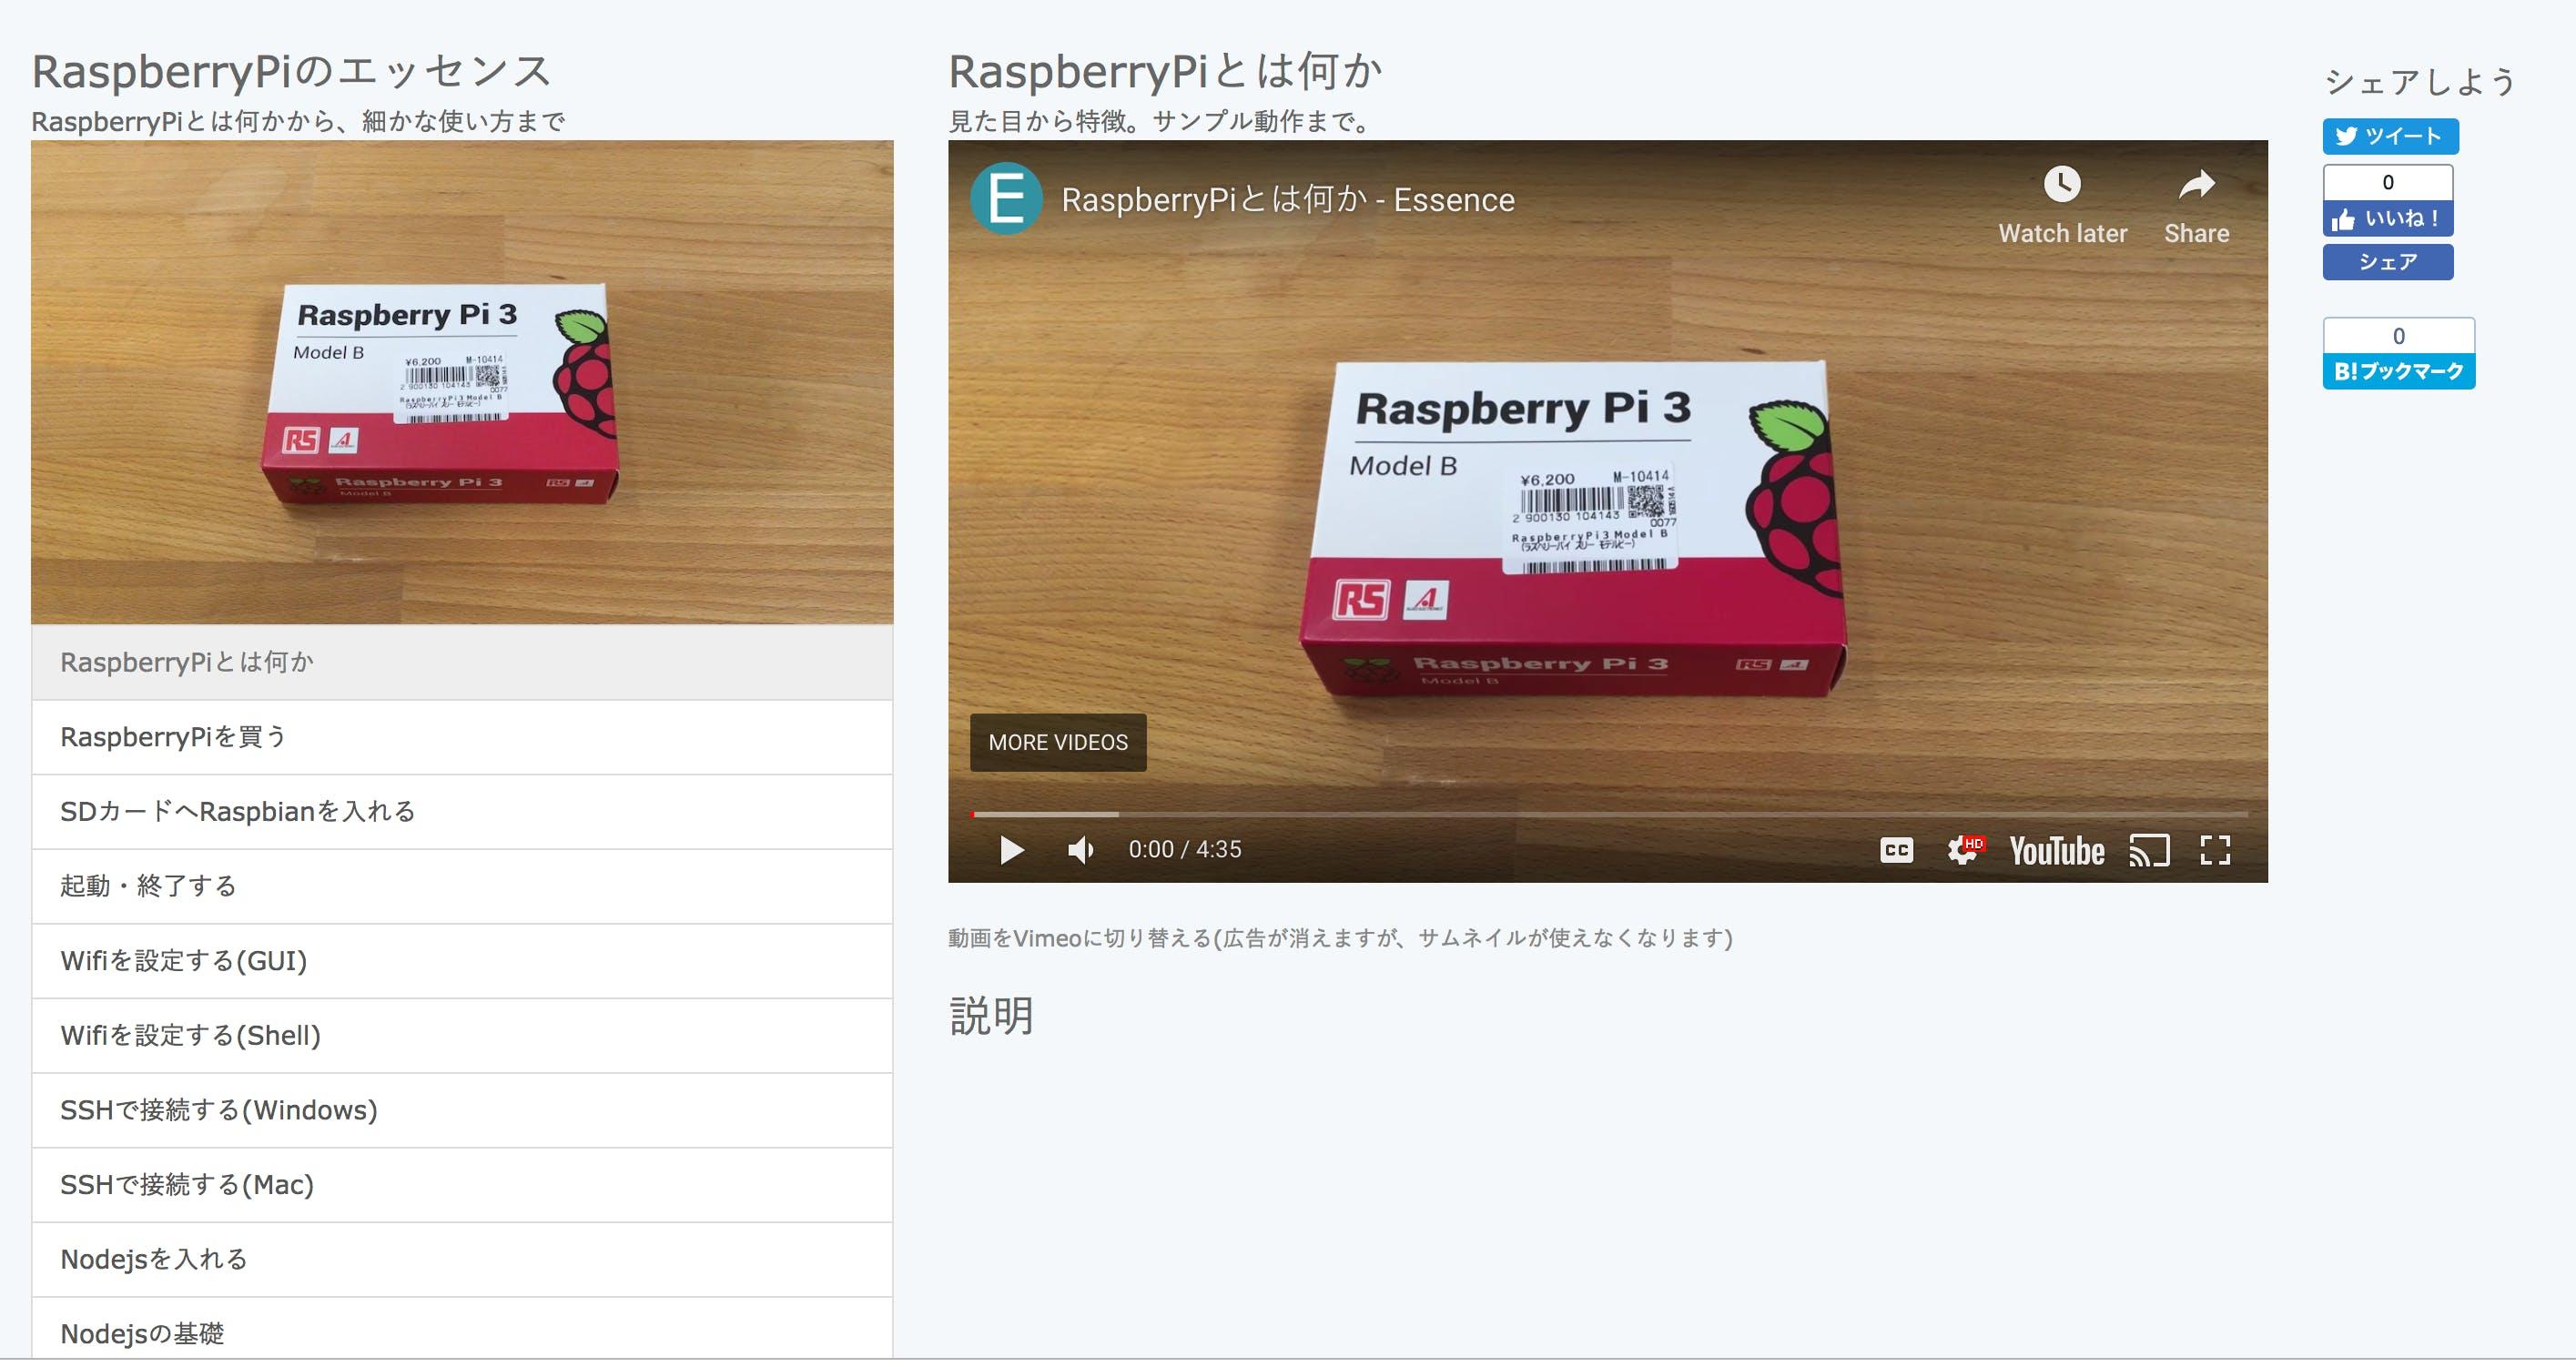 【RaspberryPiのエッセンス】RaspberryPiとは何か - Essence 2018-11-25 14-05-26.png